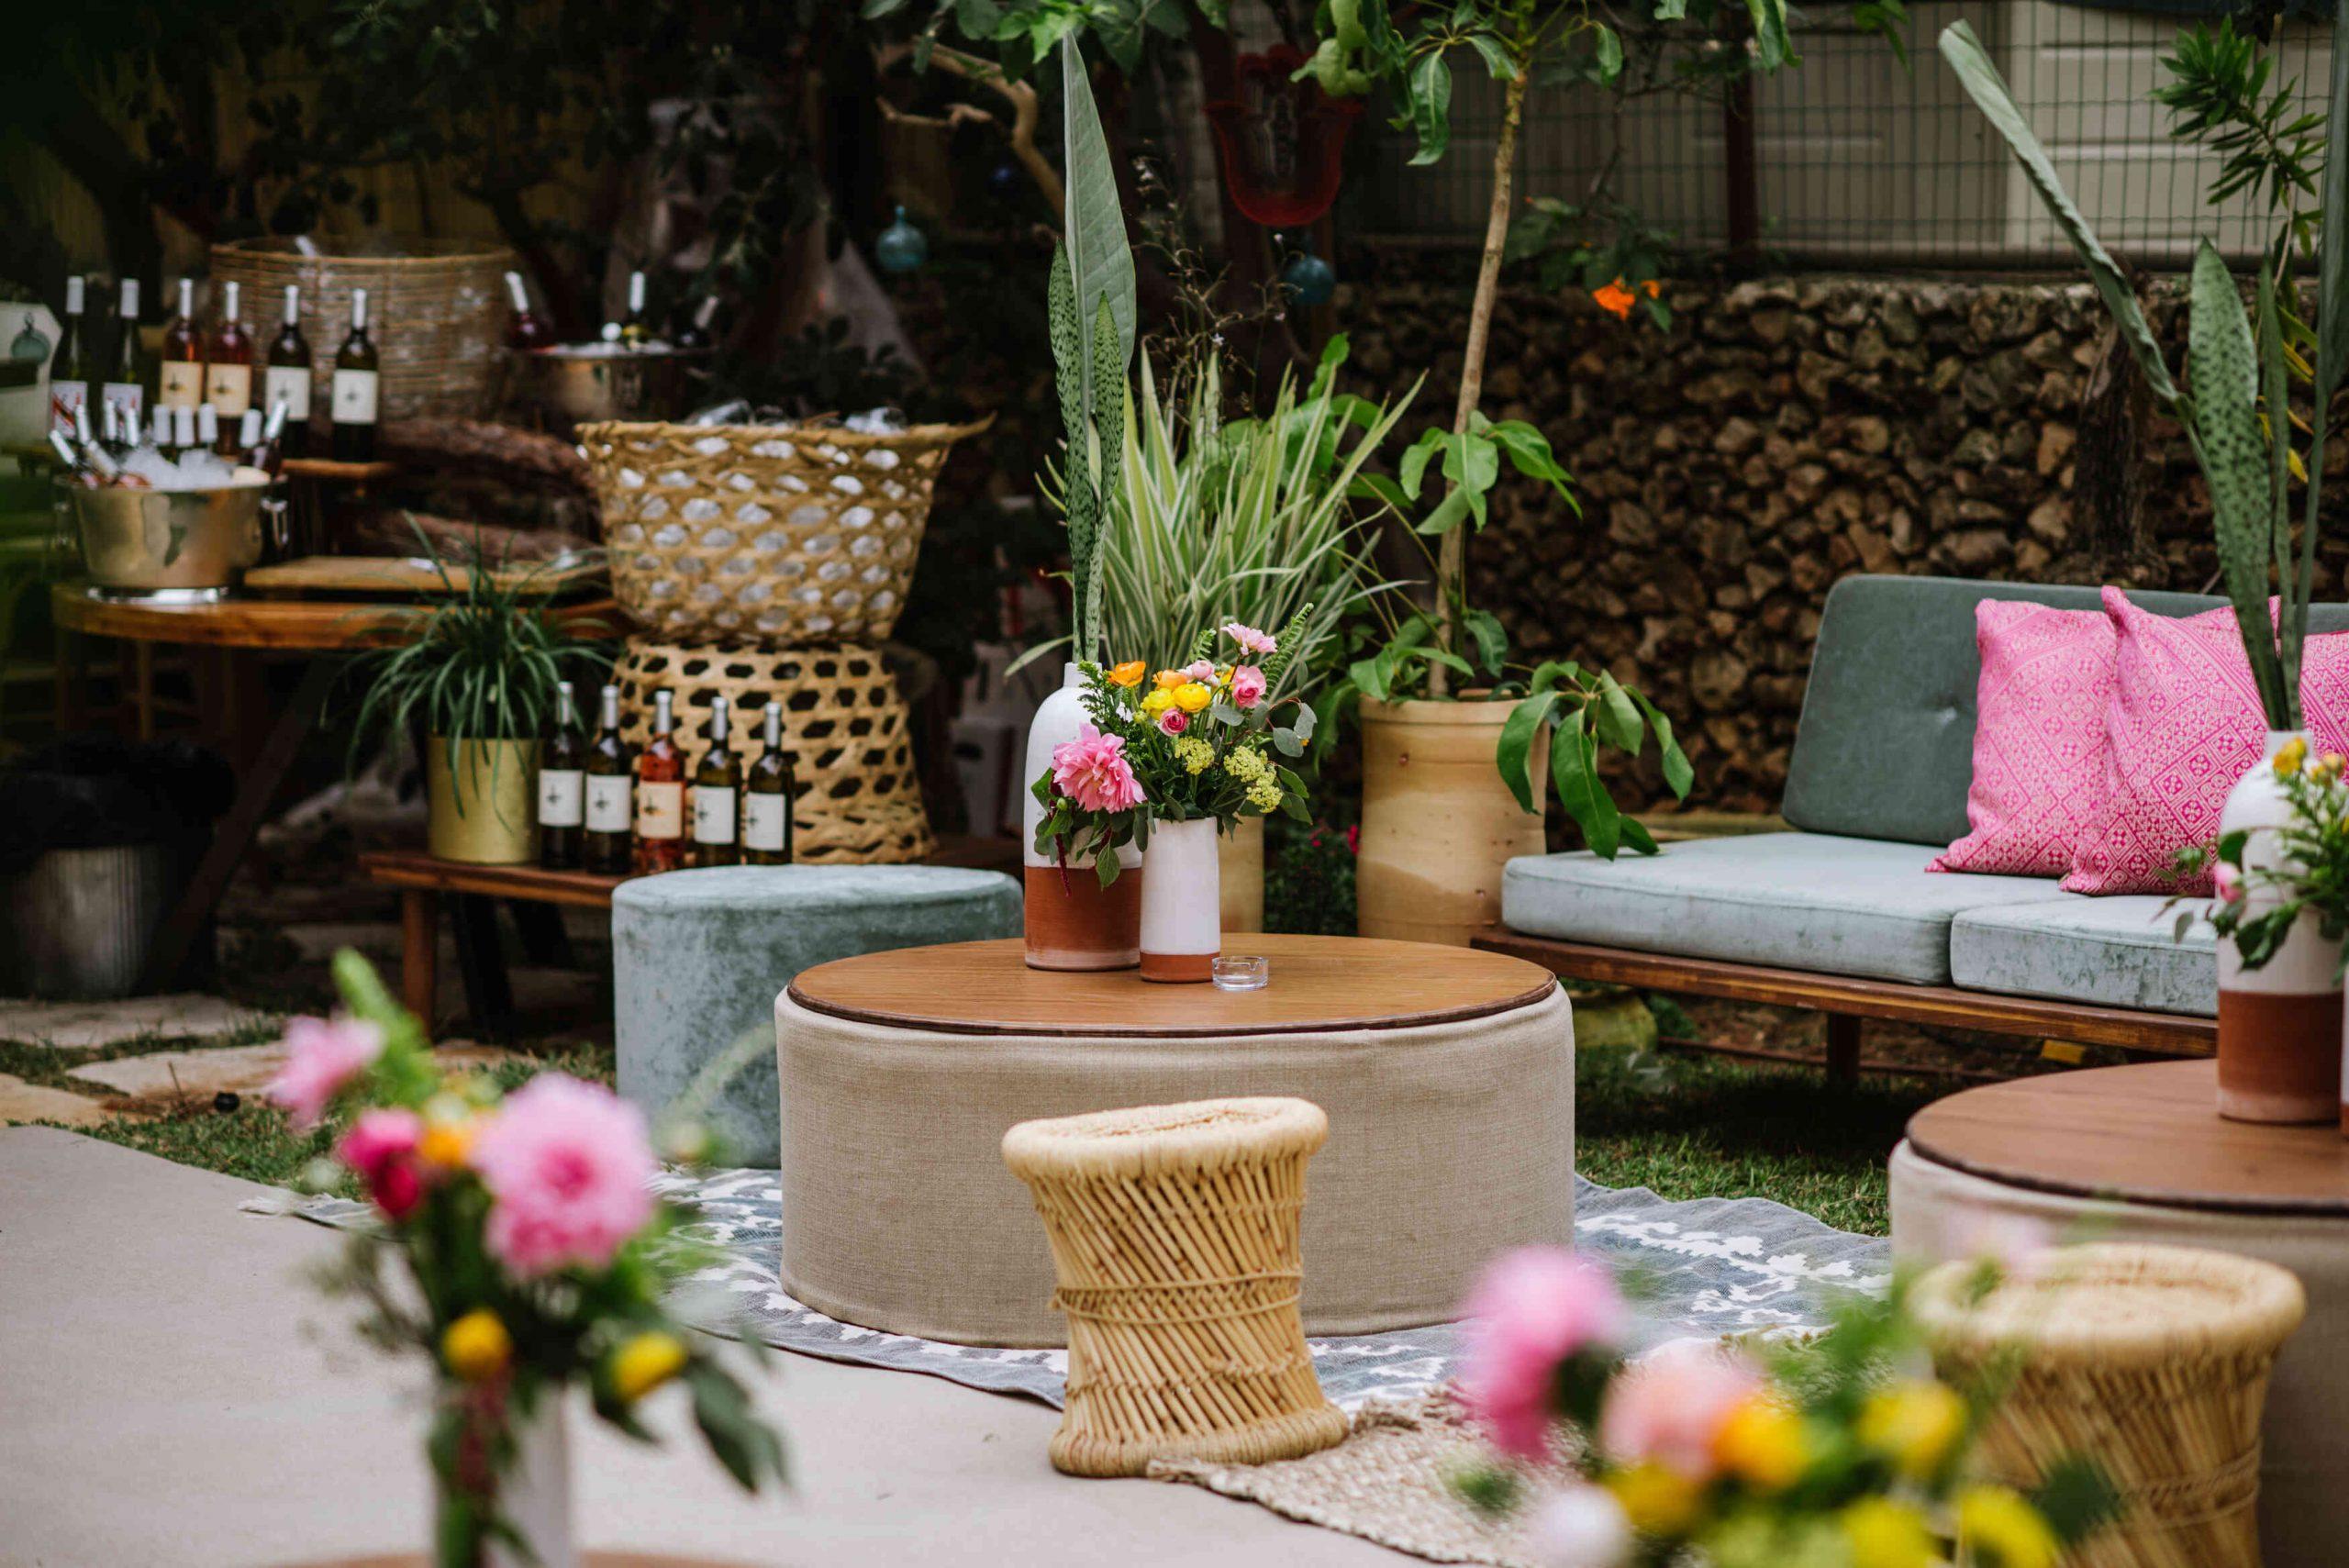 קטנה ואביבית: חתונת חצר מלאת צבע